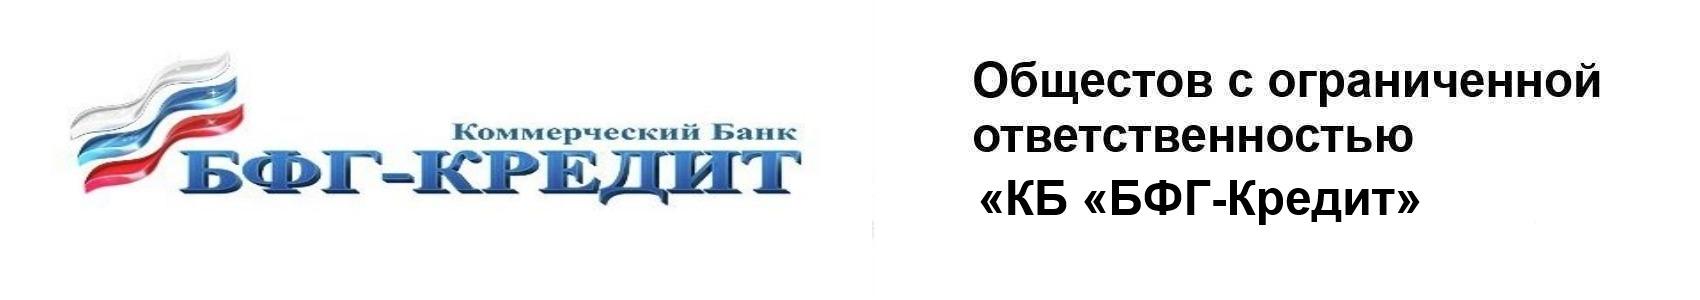 ООО «КБ «БФГ-Кредит»